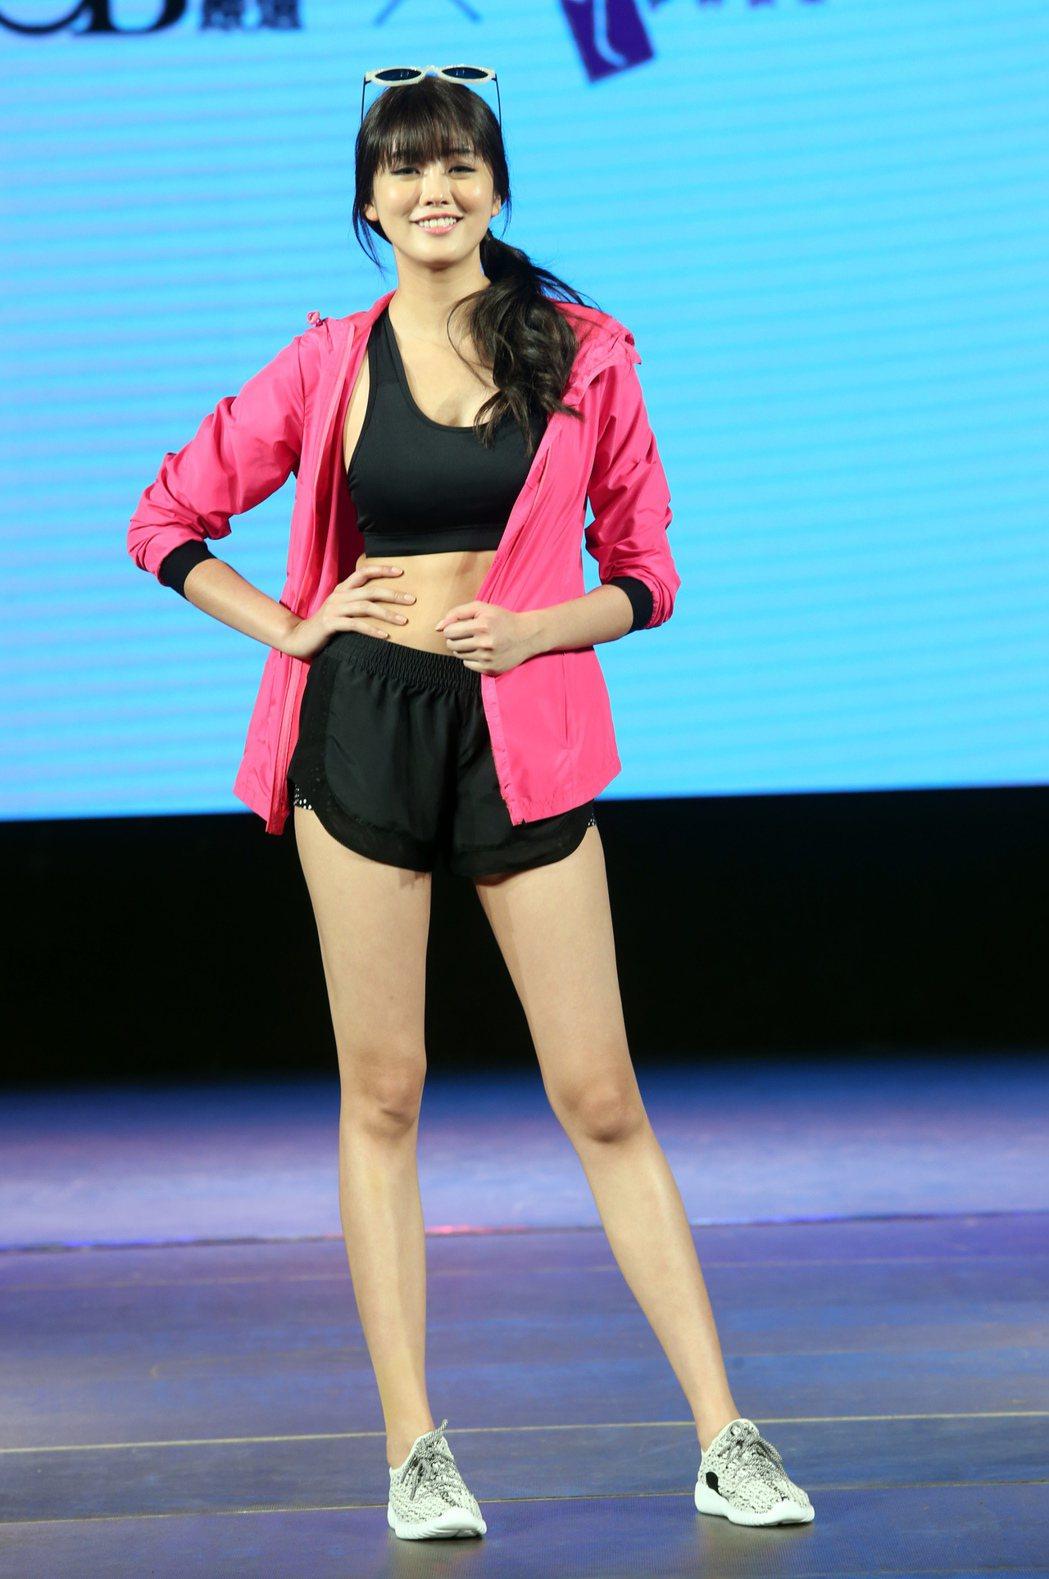 藝人賴琳恩穿著中空小可愛和運動短褲秀出修長美腿。記者徐兆玄/攝影